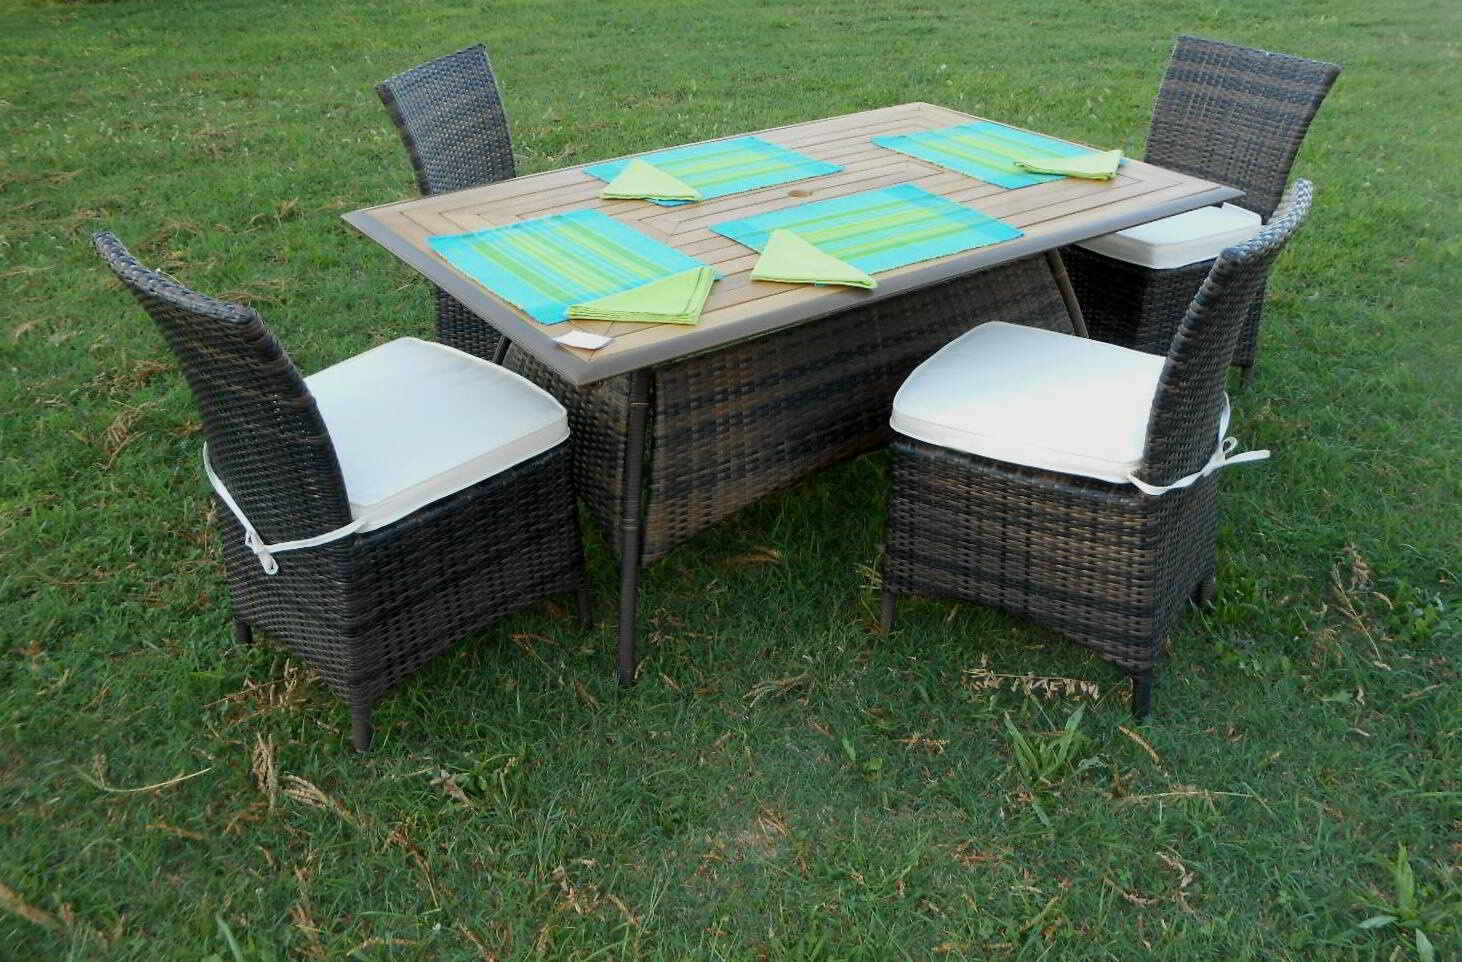 Tavoli da esterno in rattan sintetico ~ Mobilia la tua casa